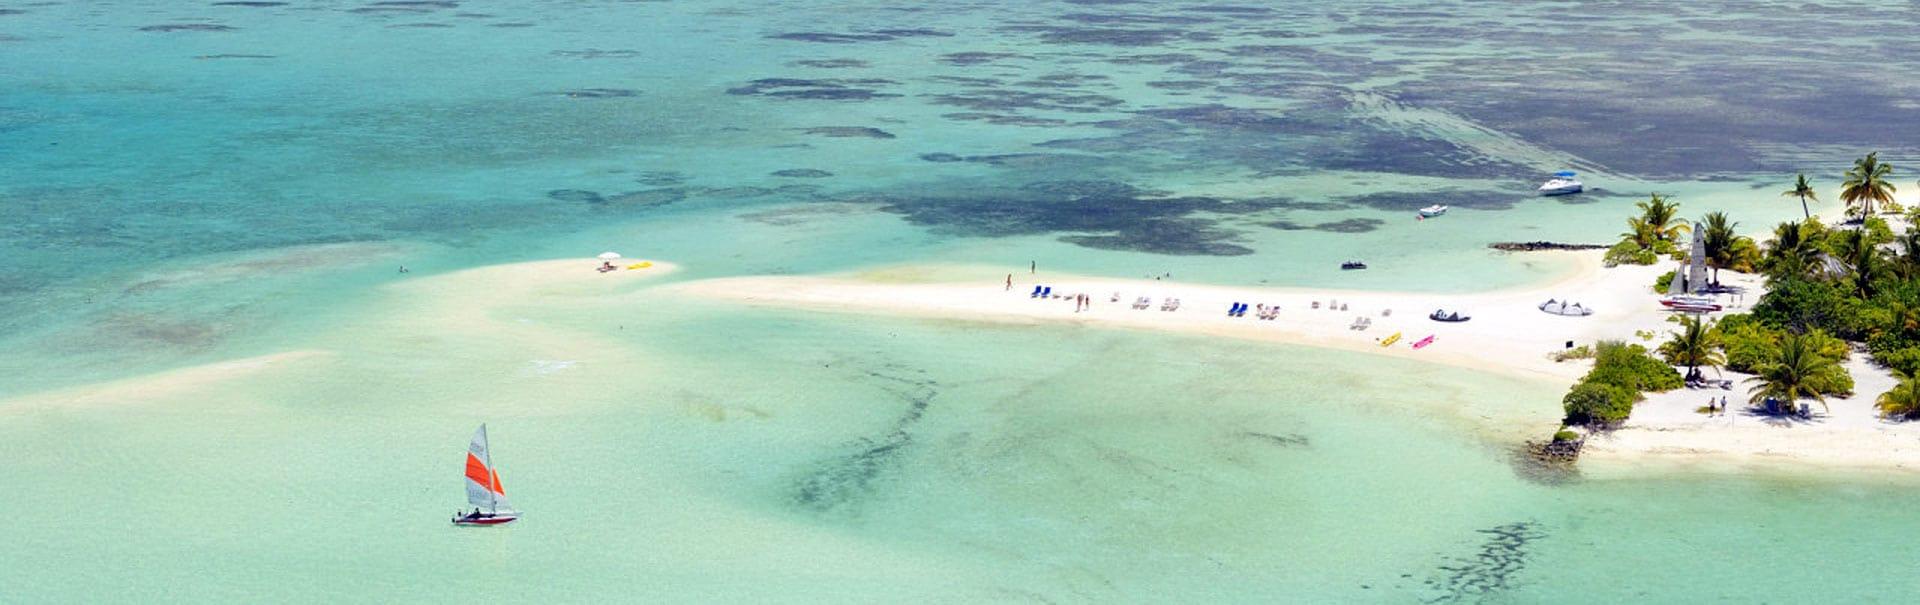 Maldives Fun Island (SHML2) Banner